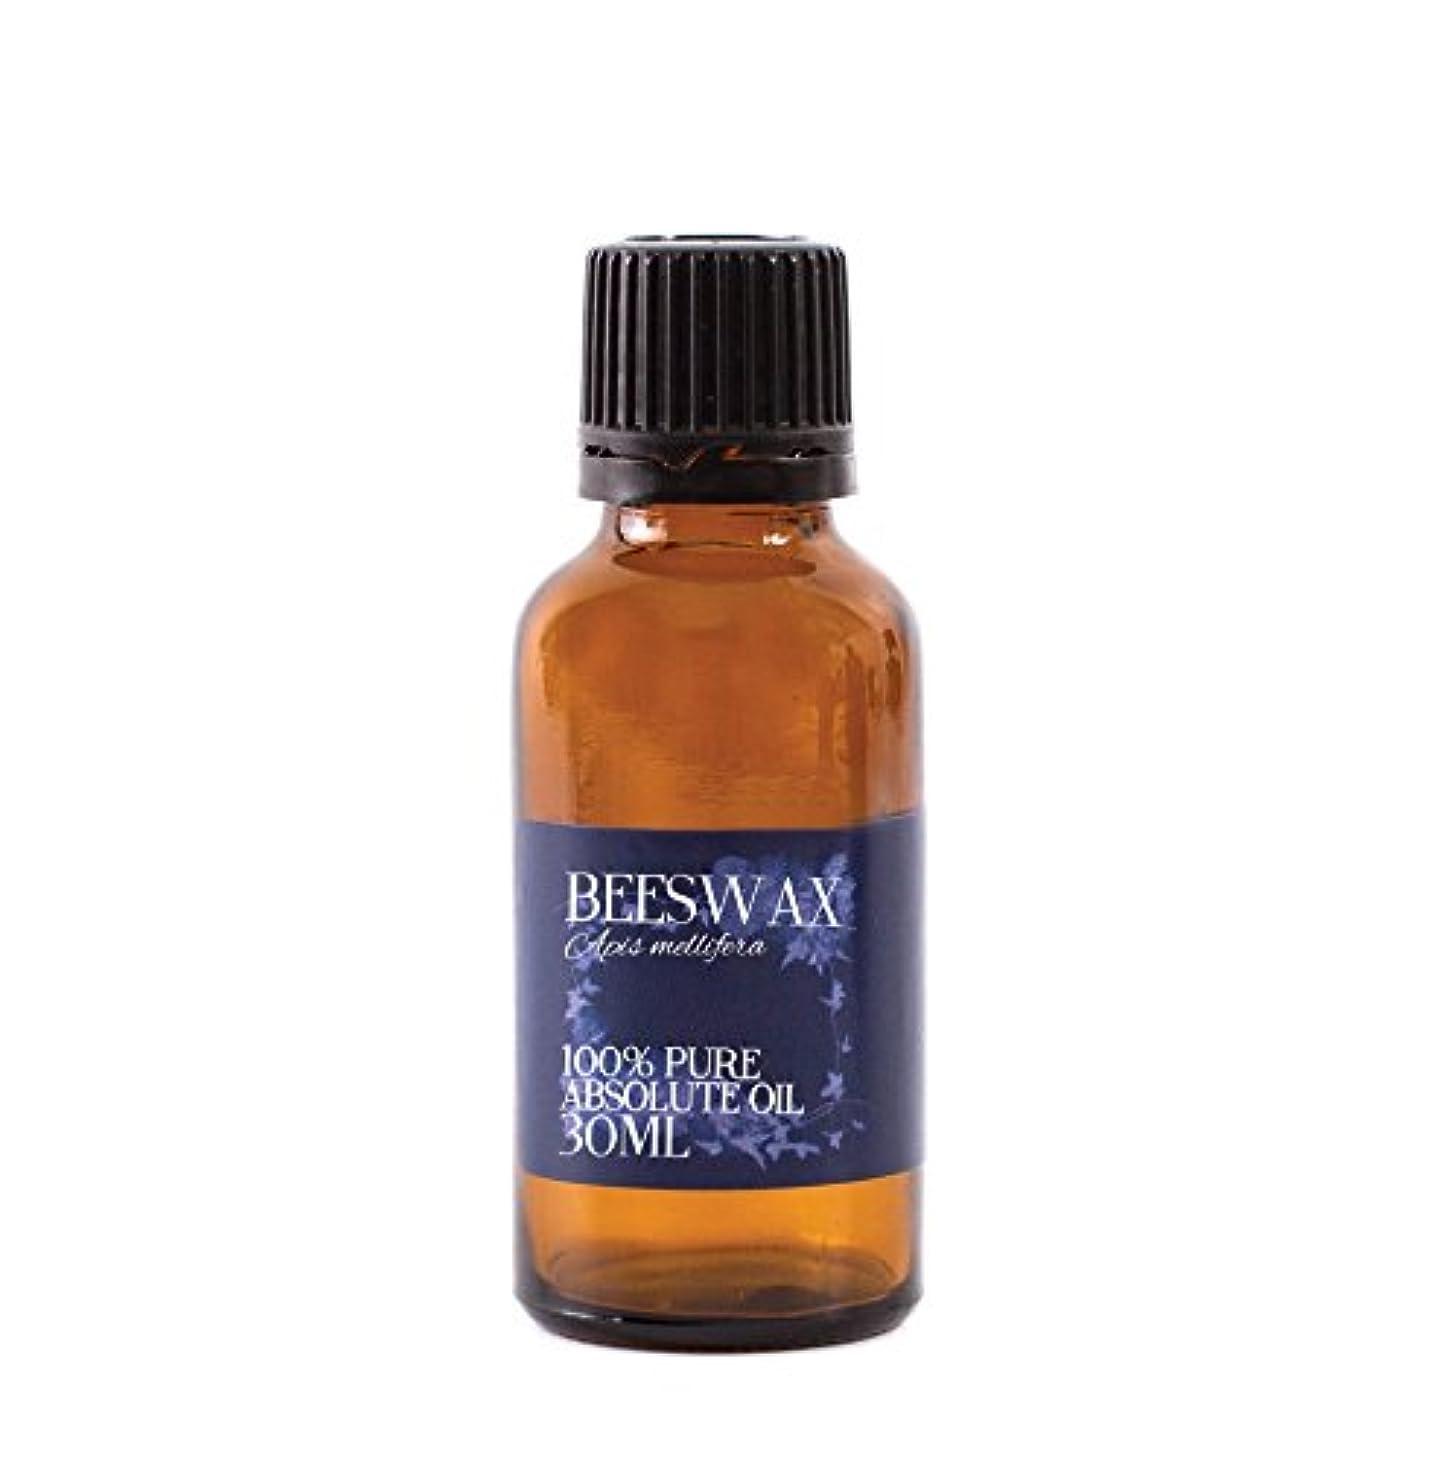 ティーンエイジャー裁量ニックネームBeeswax Absolute Oil 30ml - 100% Pure